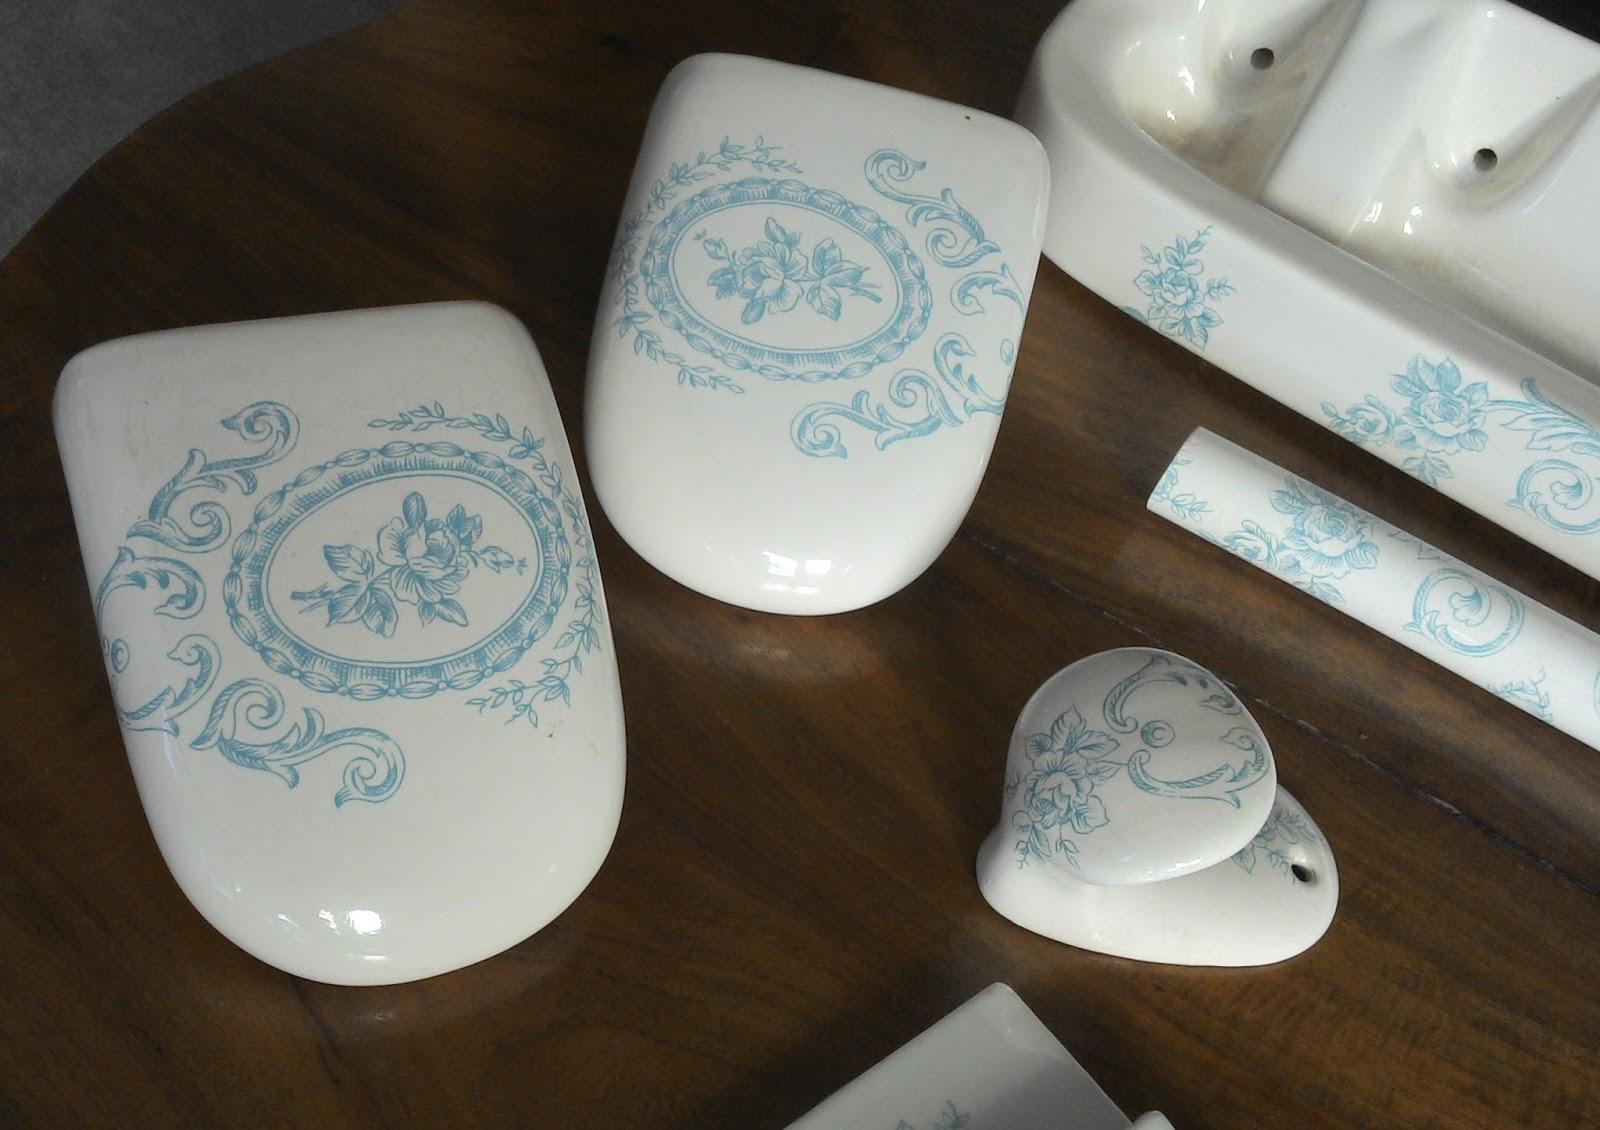 ancien service de toilette bleu porcelaine de paris estampill salle bain france ebay. Black Bedroom Furniture Sets. Home Design Ideas